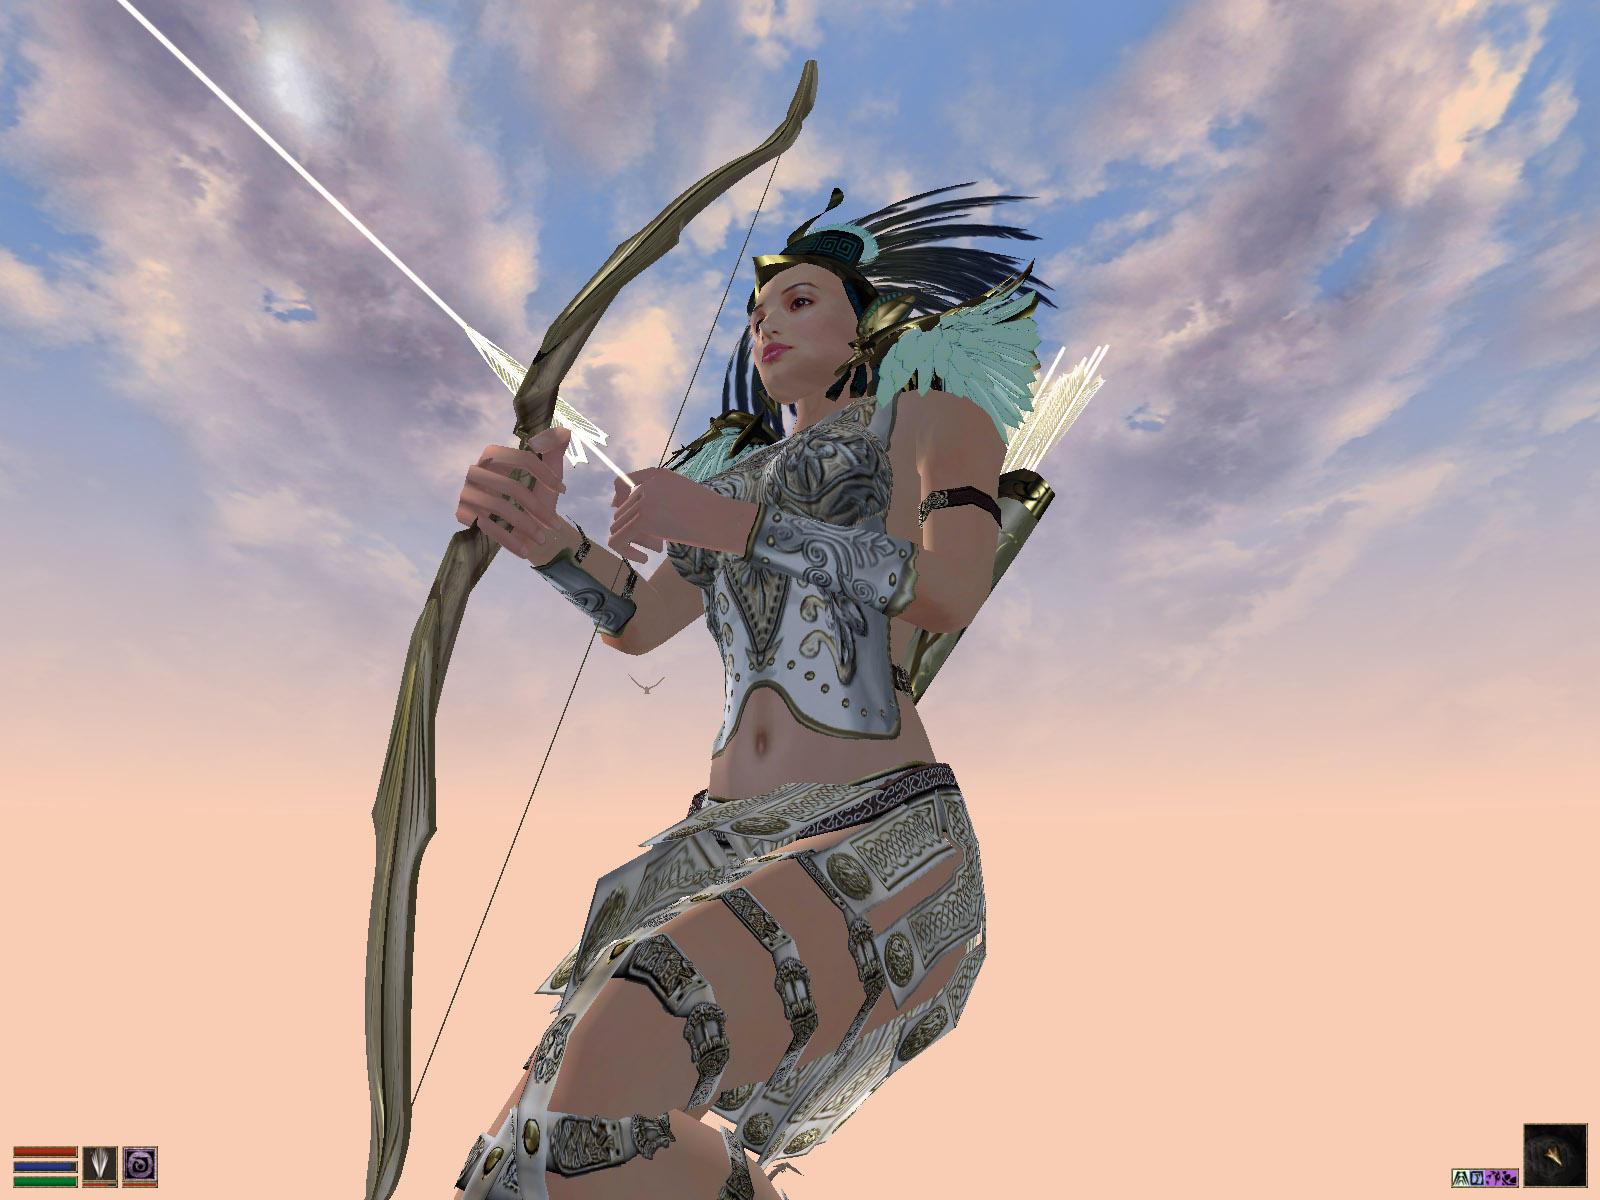 Morrowind screenshot 5 by Oerkenraev